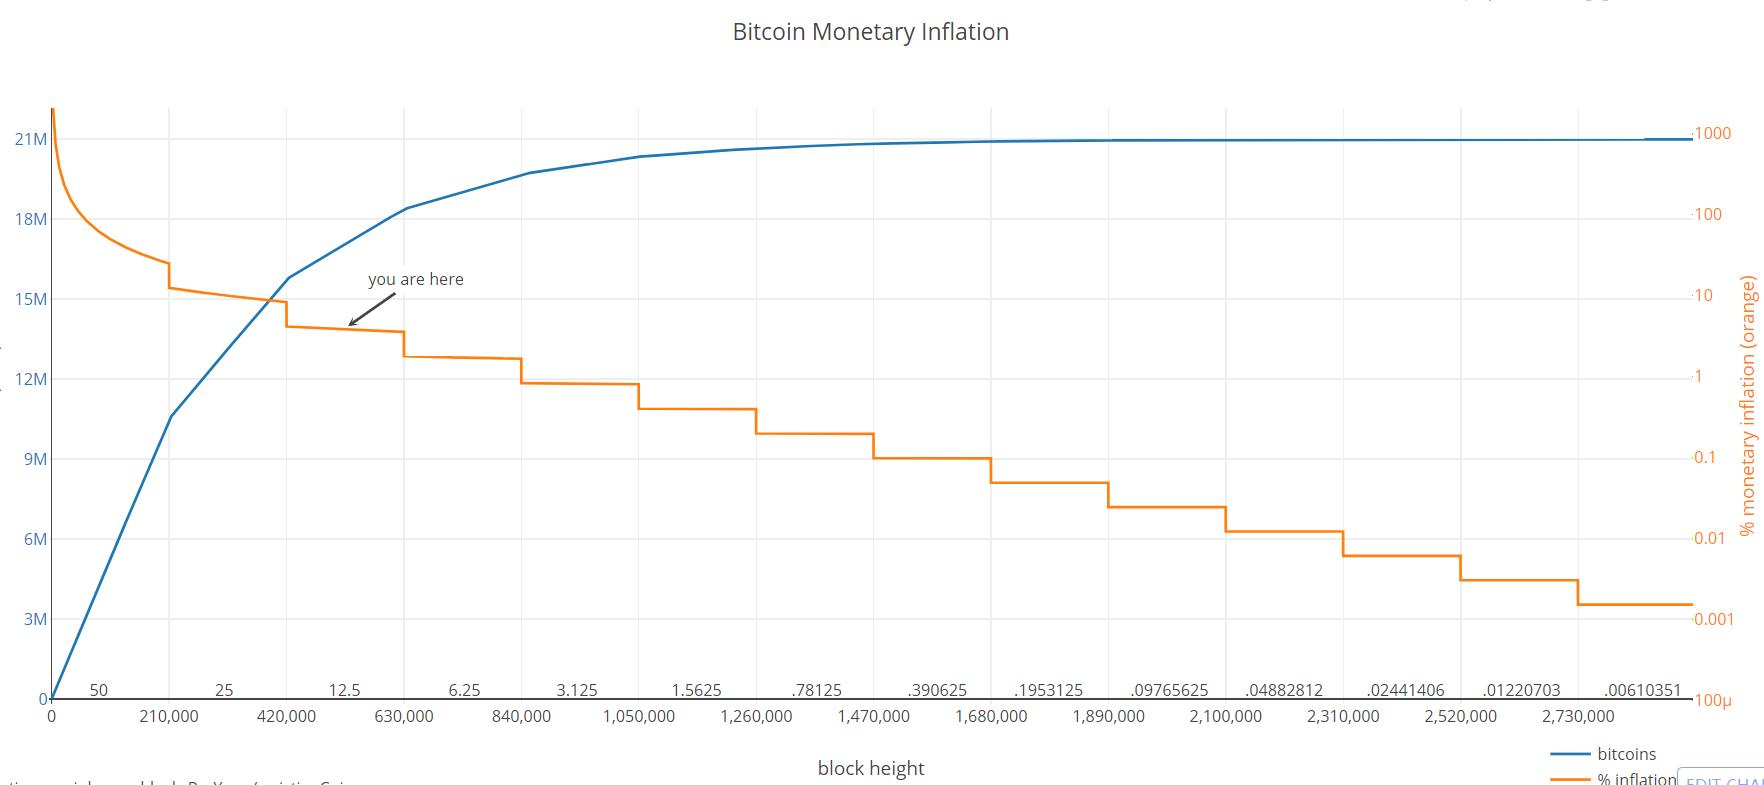 比特币货币通胀模型